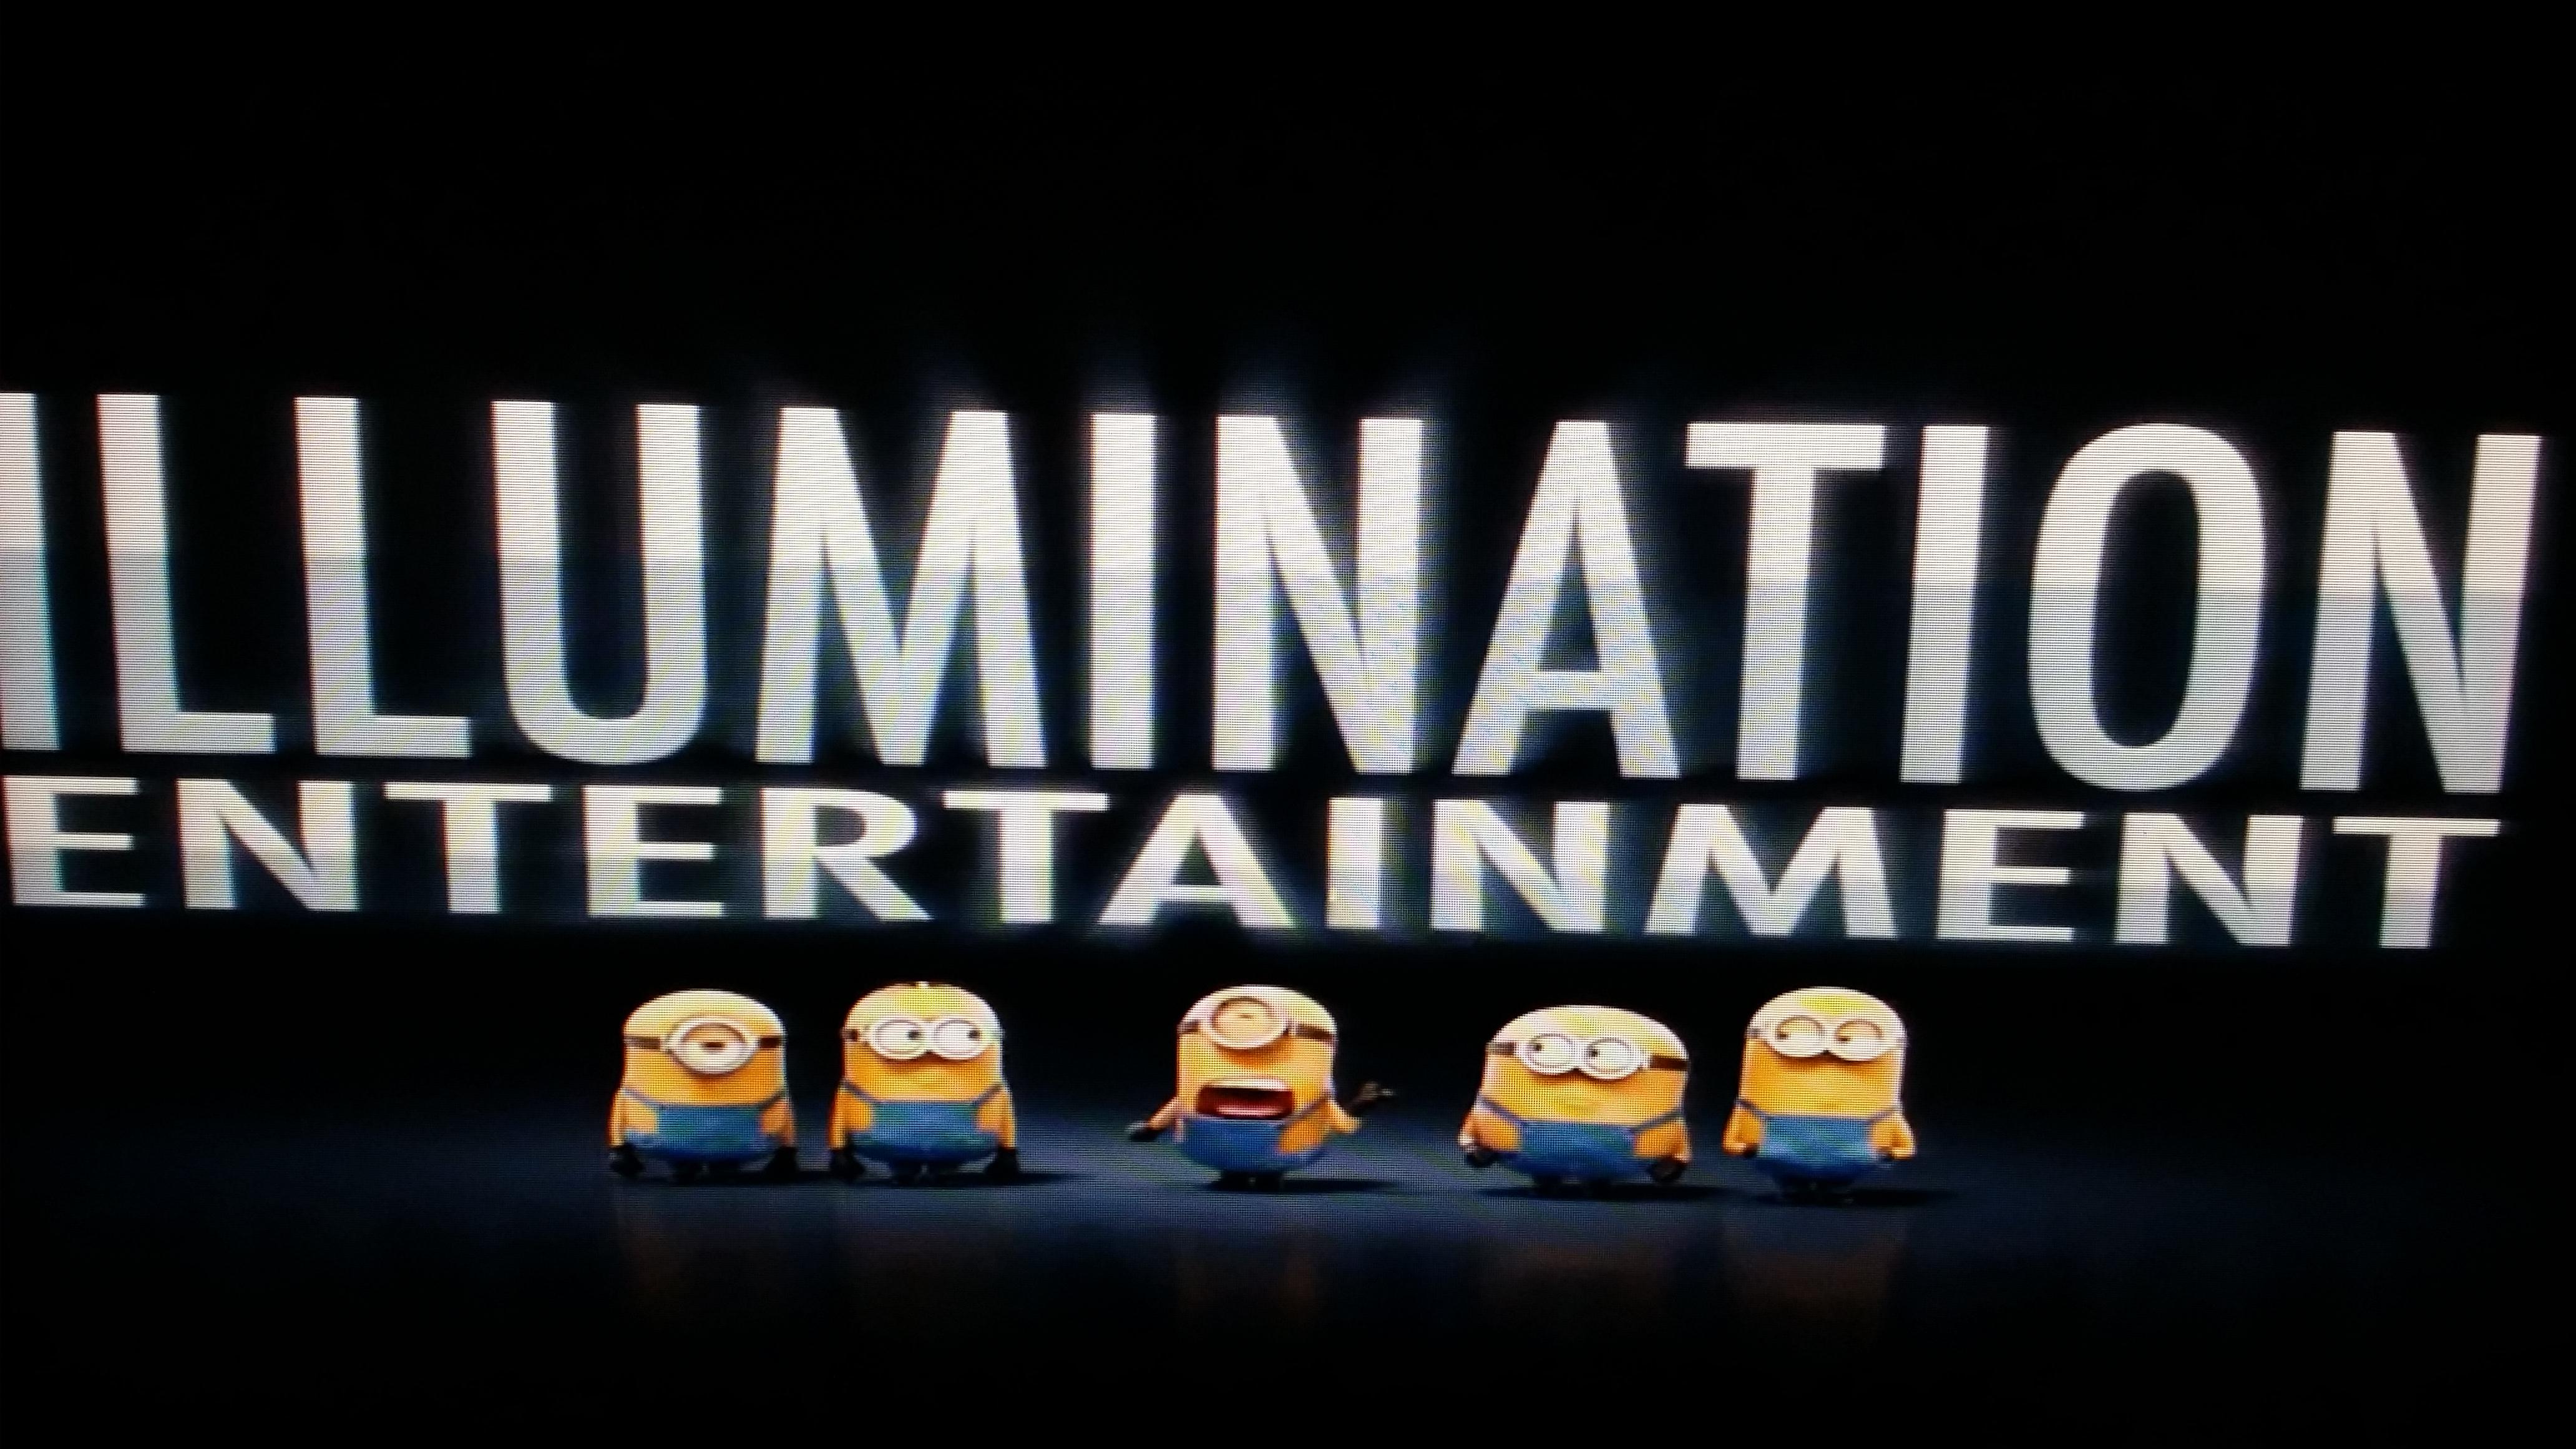 illumination entertainment wikipedia